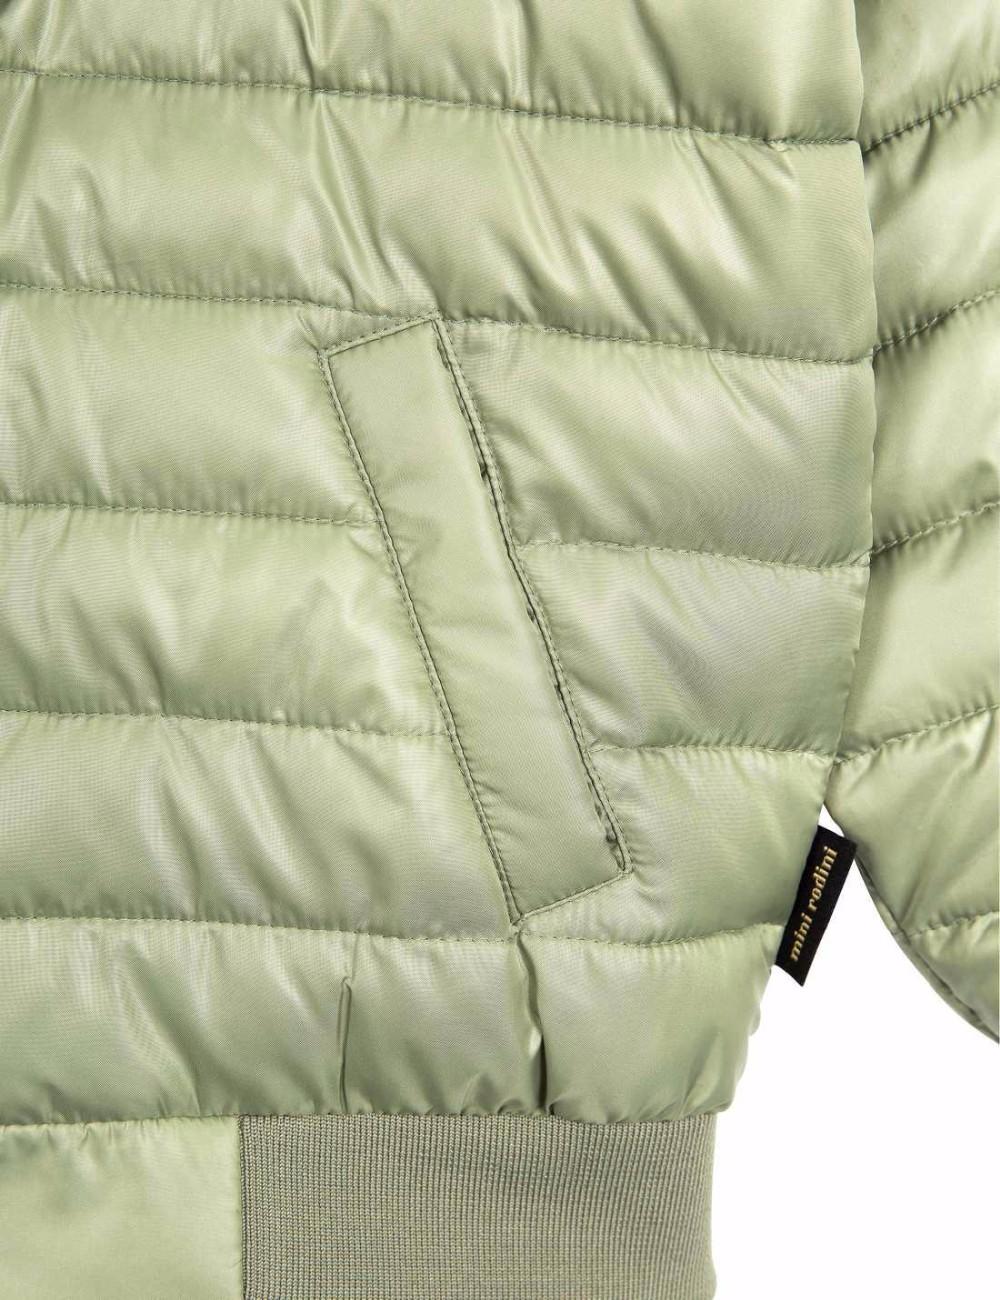 Скидки на INS 2016 дети сплошной цвет пингвин отпечатано вниз пальто девочек одежда мальчиков одежда зима рождество дети куртки пальто vetemen